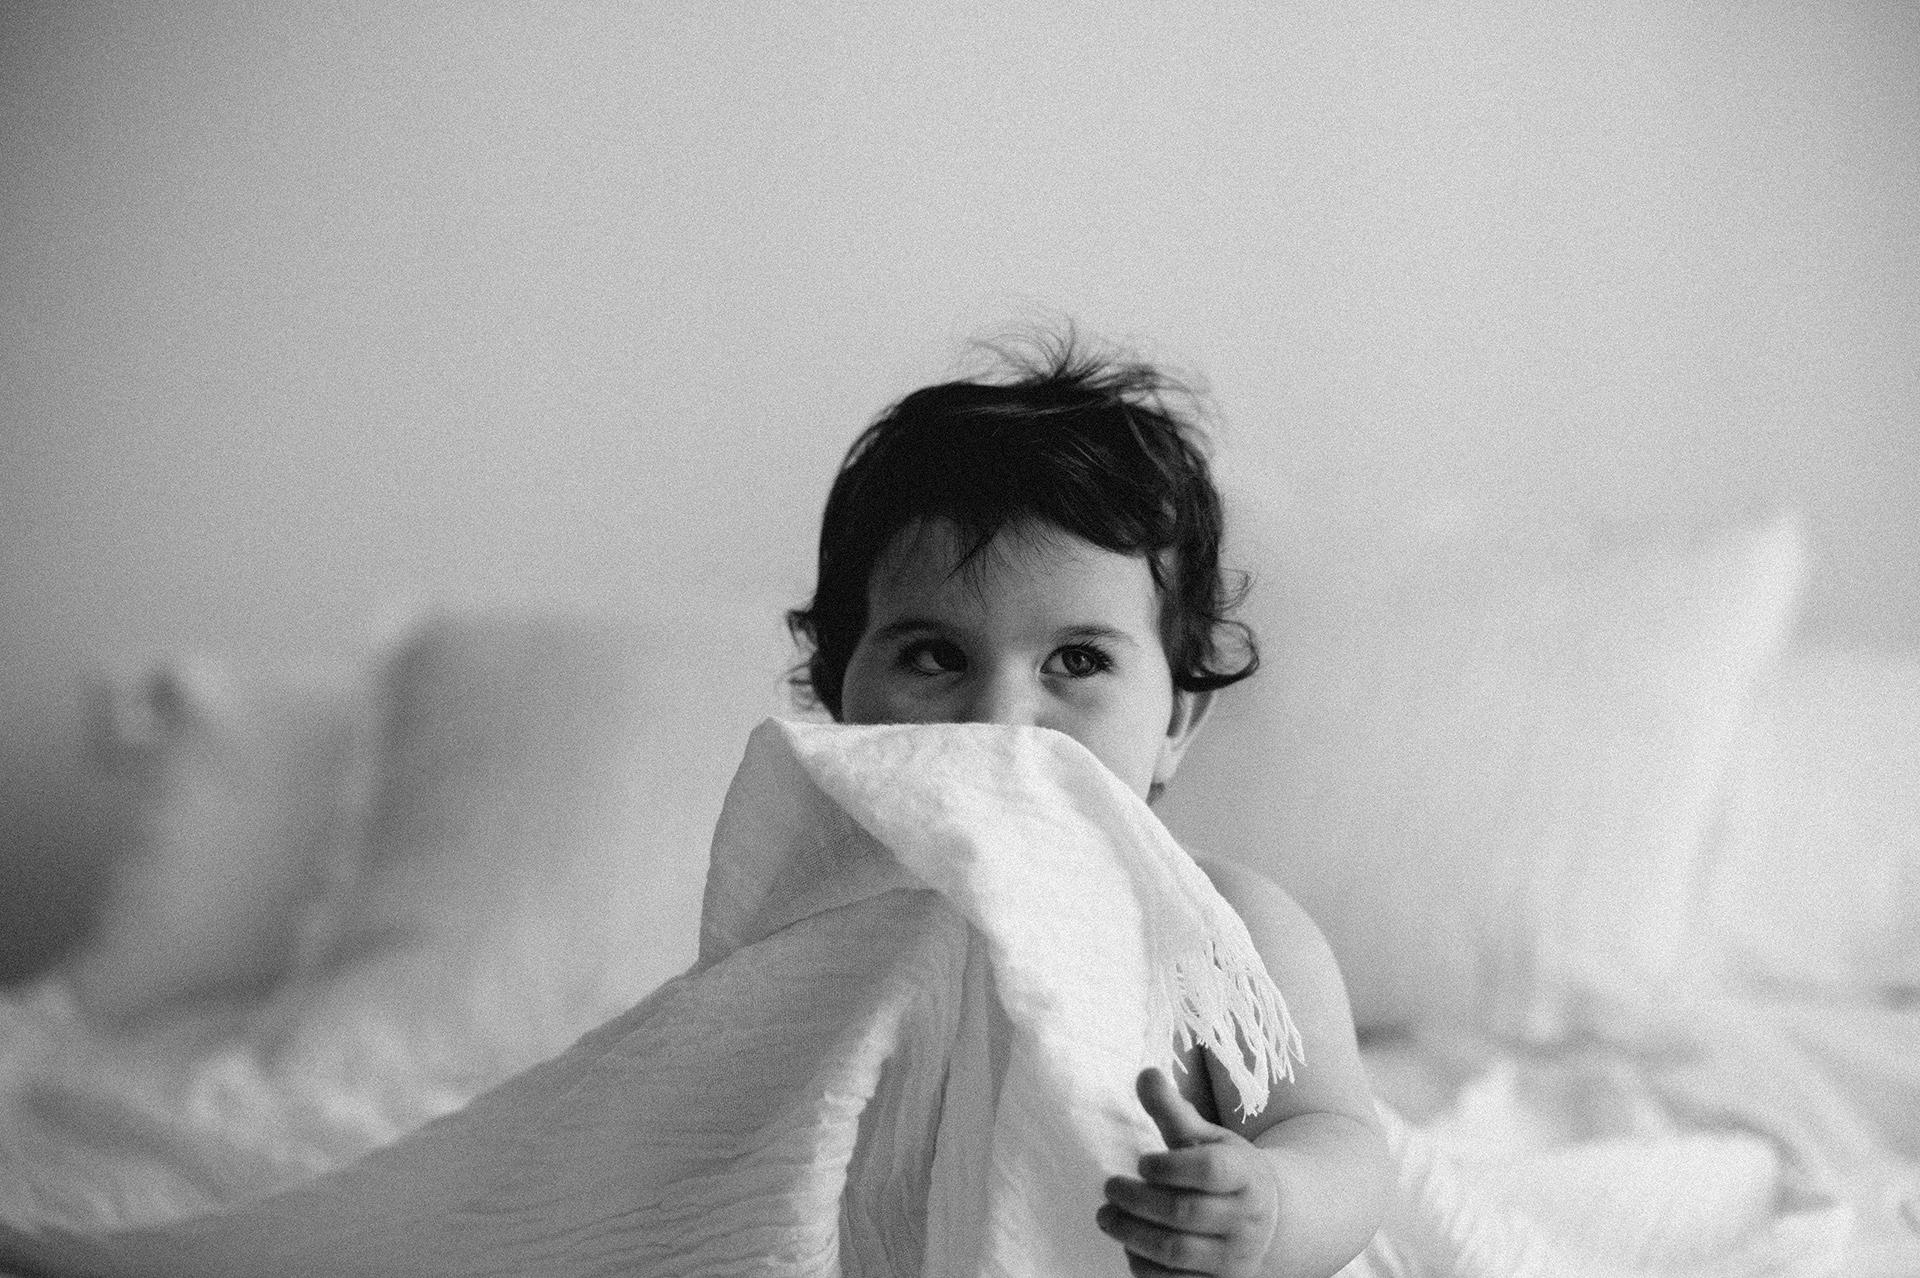 bebè si nasconde dietro lenzuolo